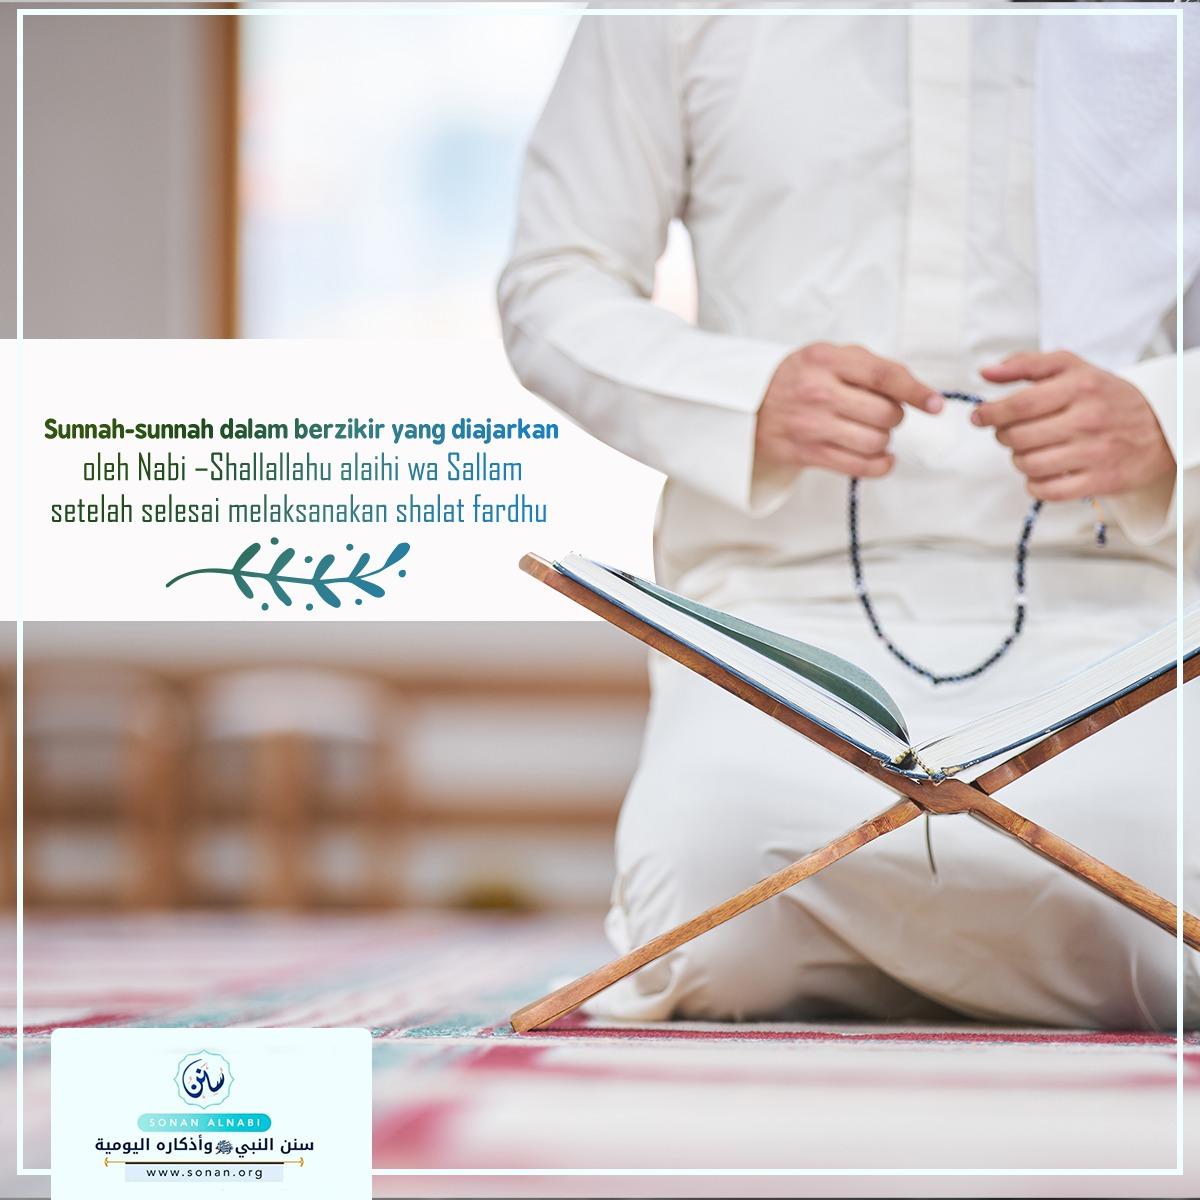 Sunnah-sunnah dalam berzikir yang diajarkan oleh Nabi – Shallallahu alaihi wa Sallam– setelah selesai melaksanakan shalat fardhu